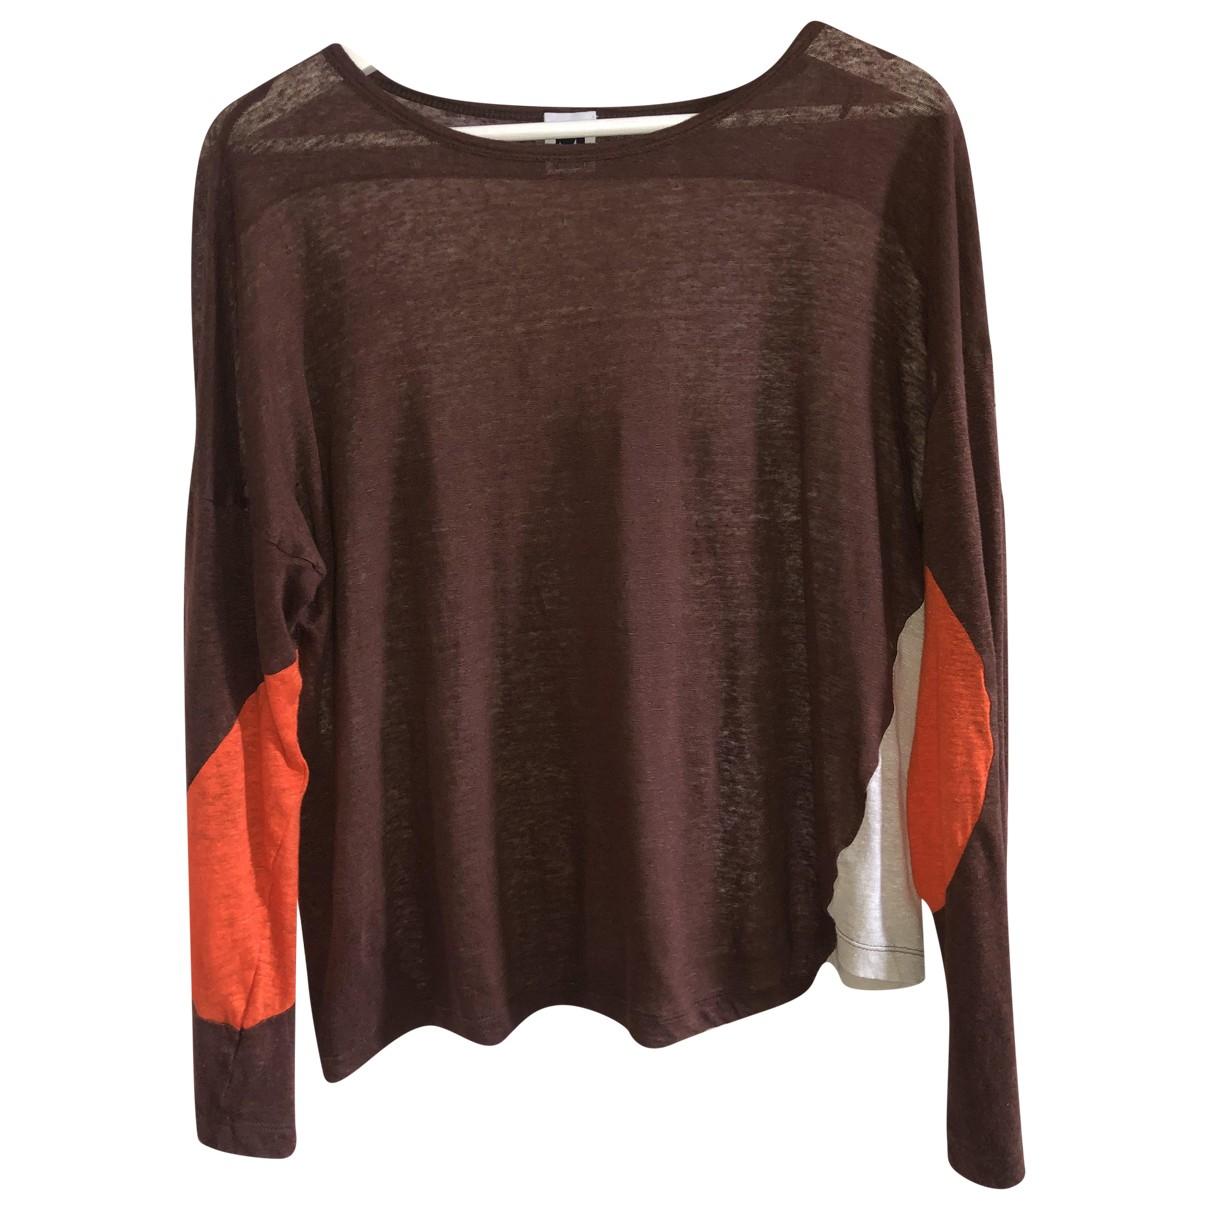 M Missoni - Top   pour femme en coton - marron